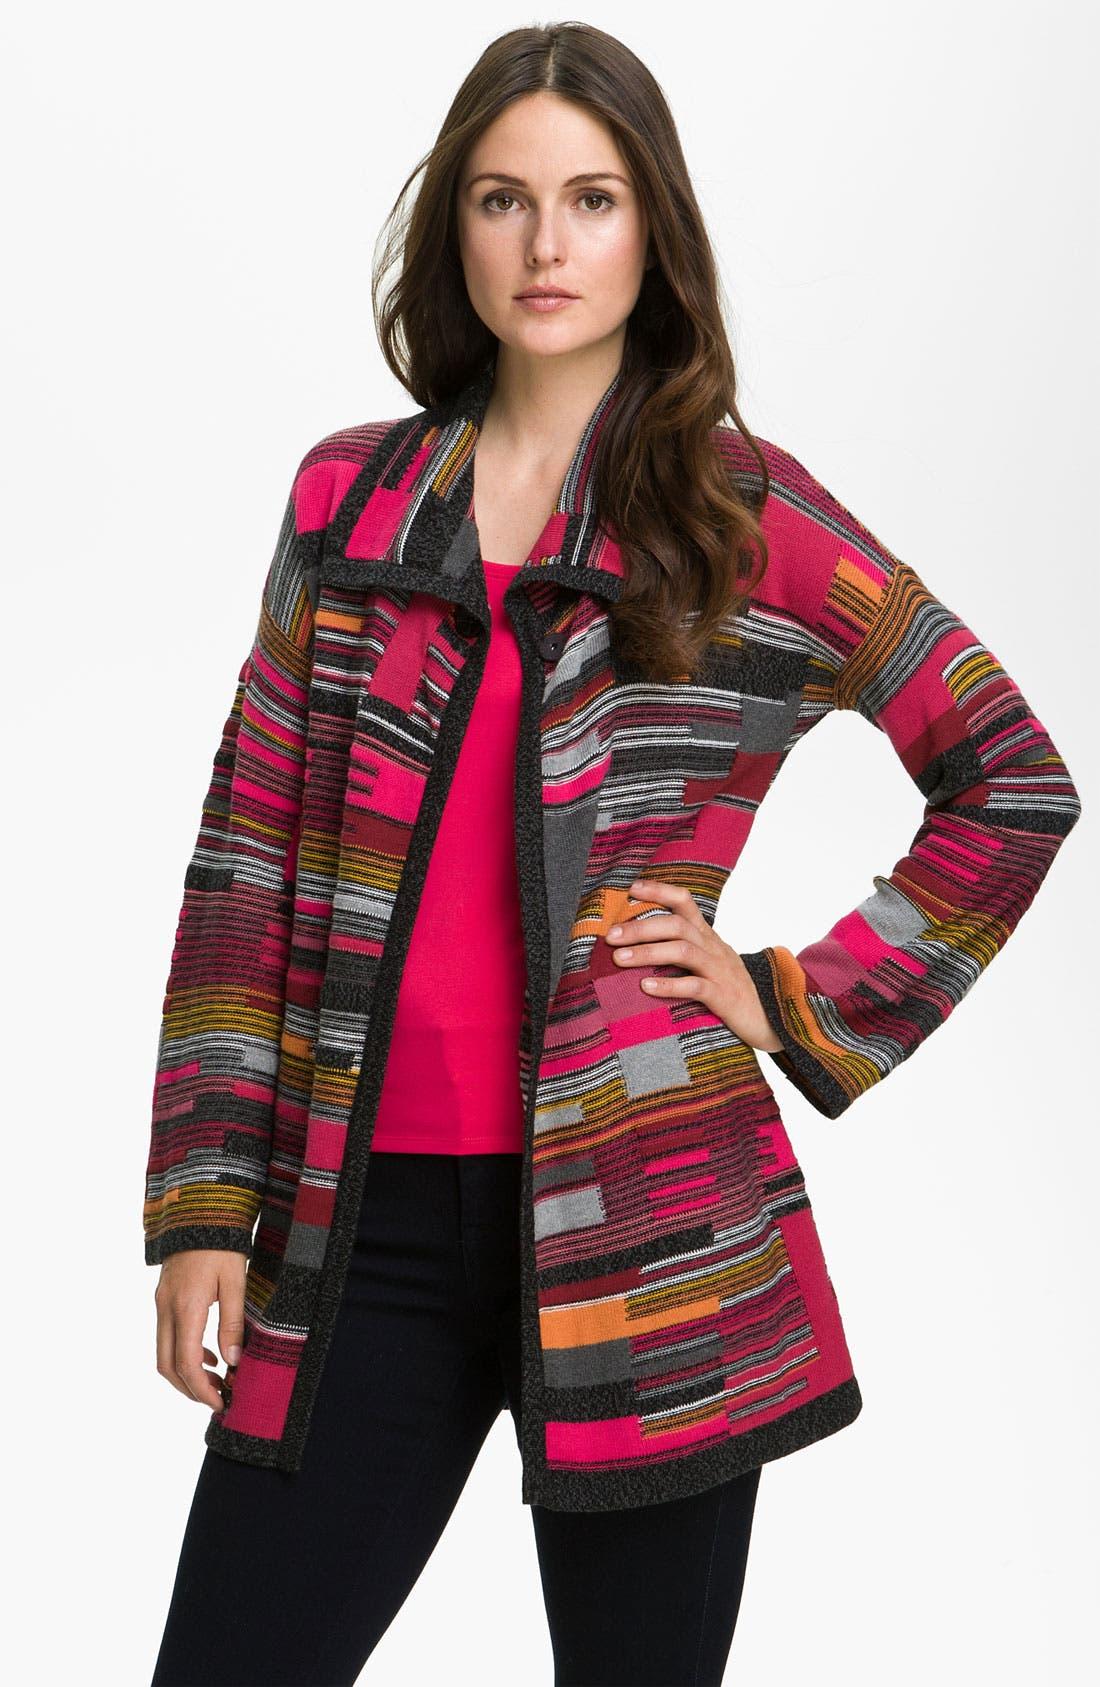 Main Image - Nic + Zoe 'Puzzle' Knit Jacket